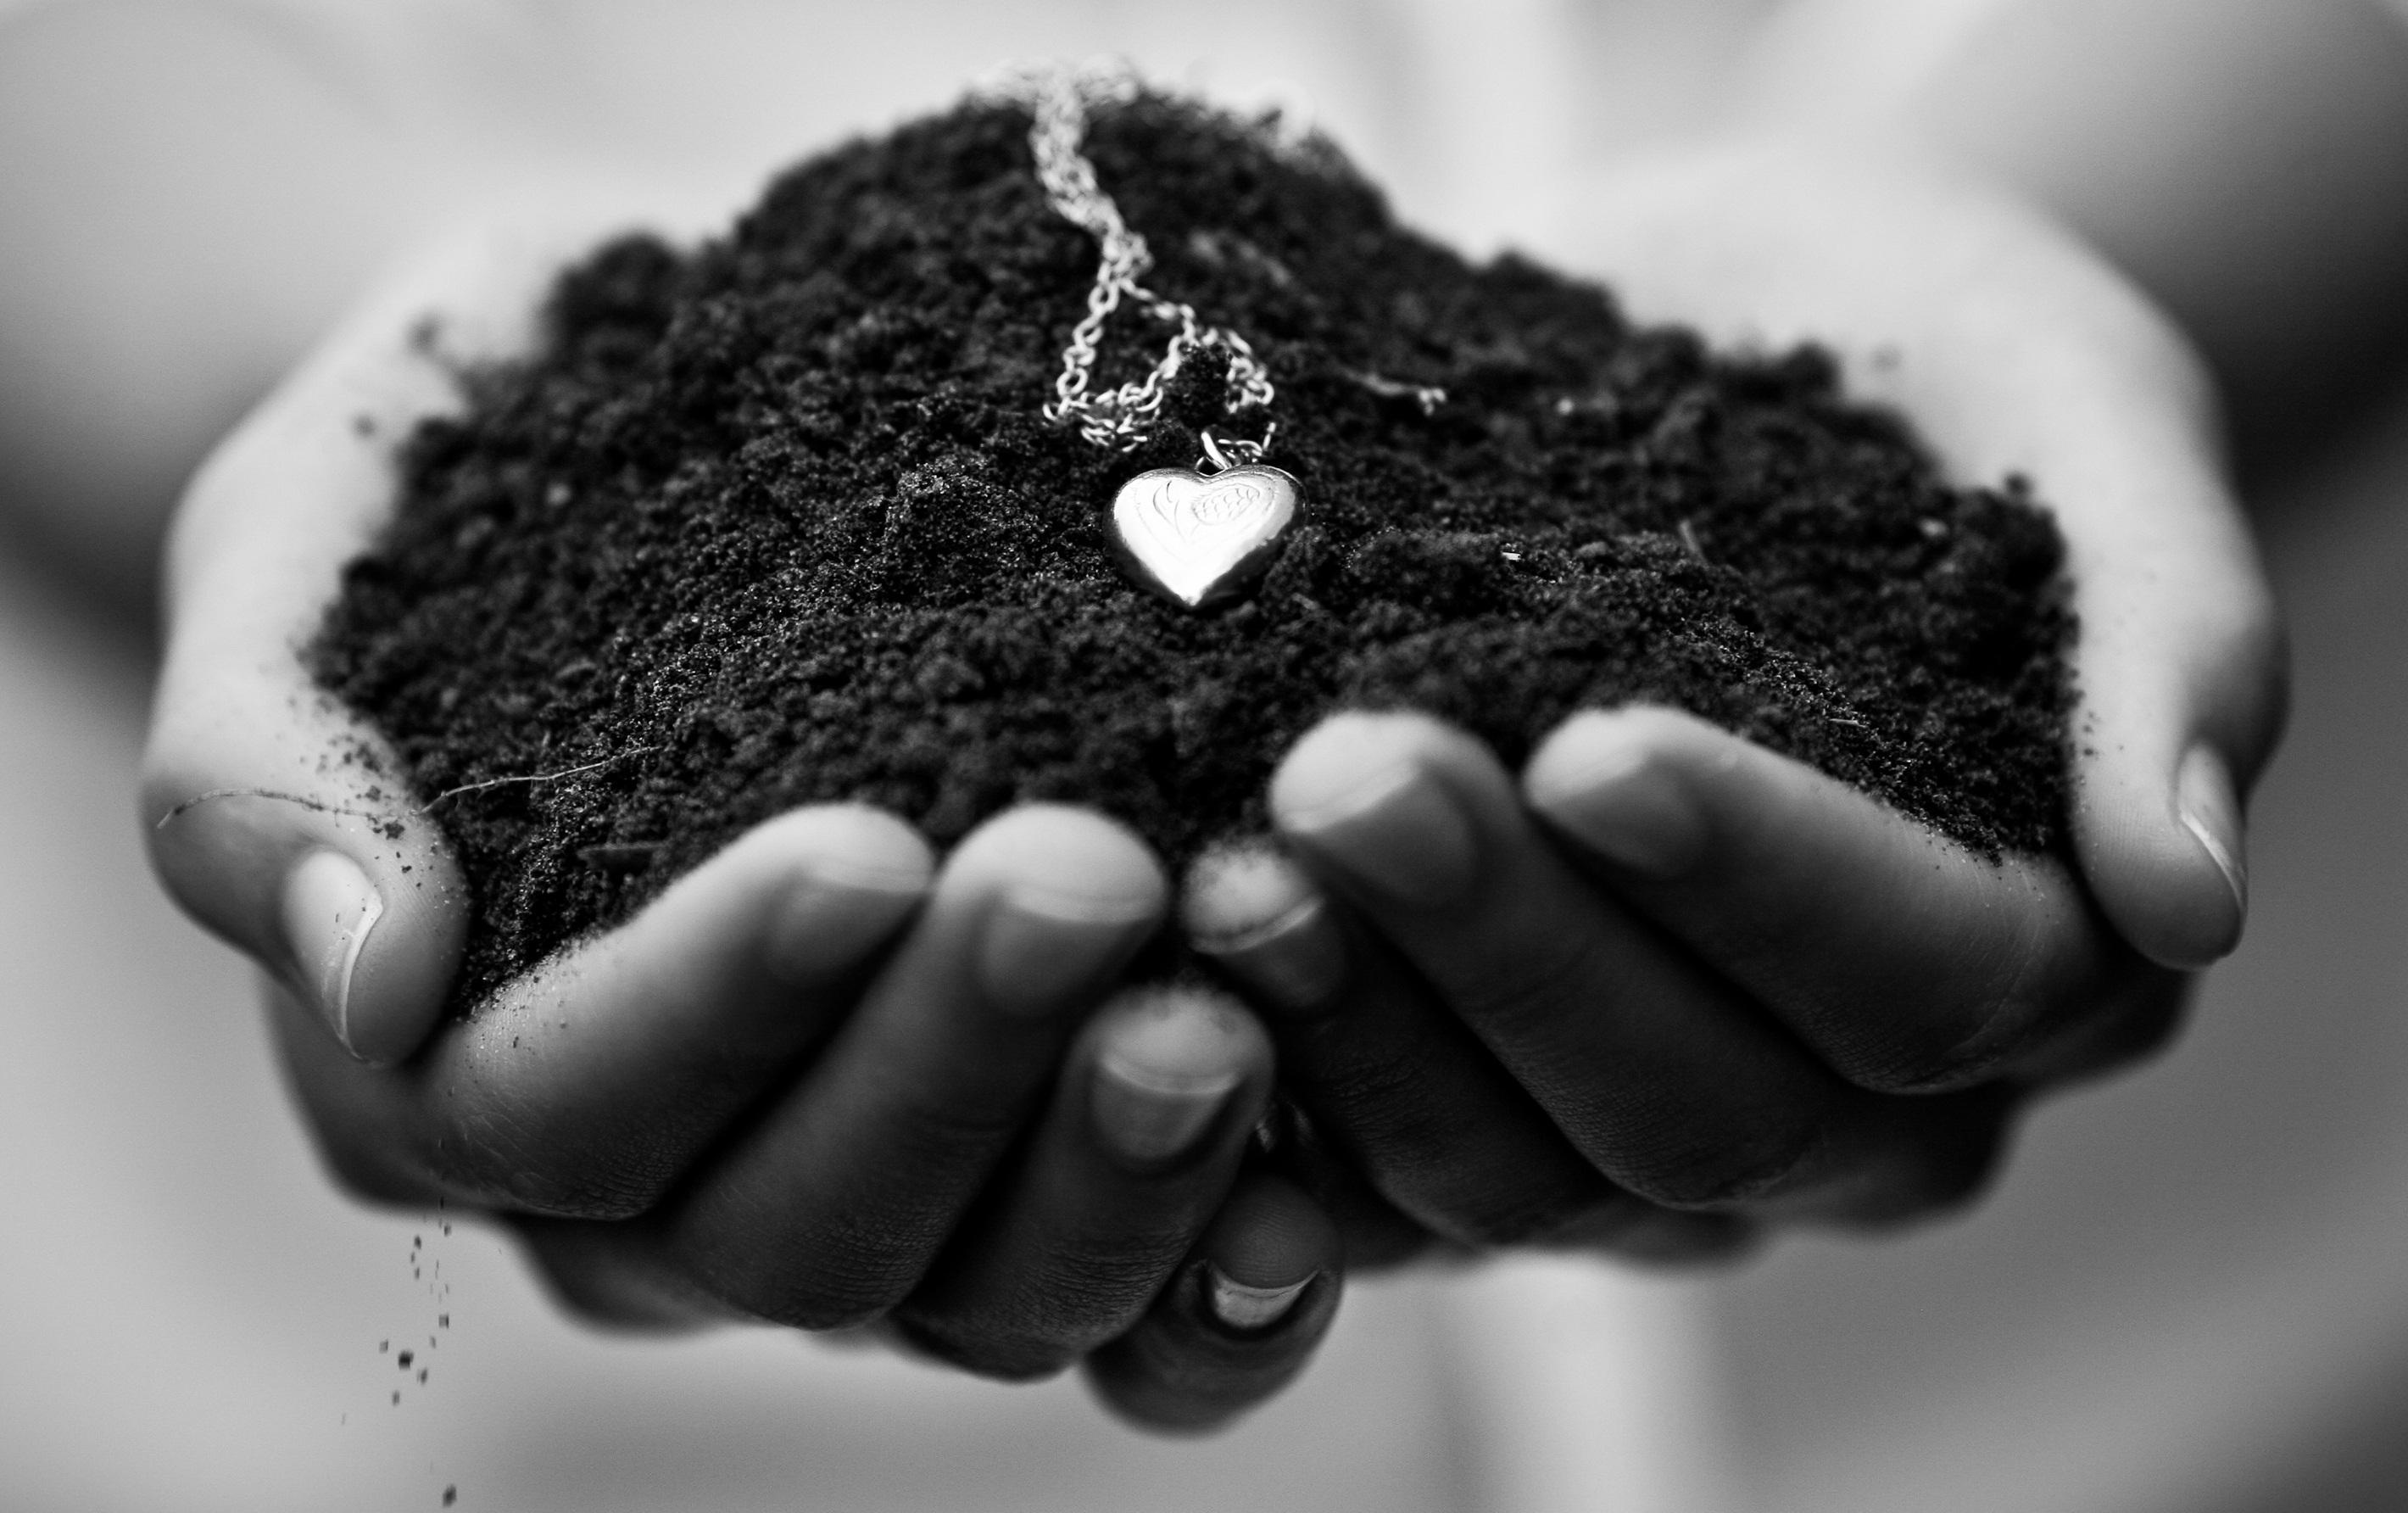 Сердце земли загрузить